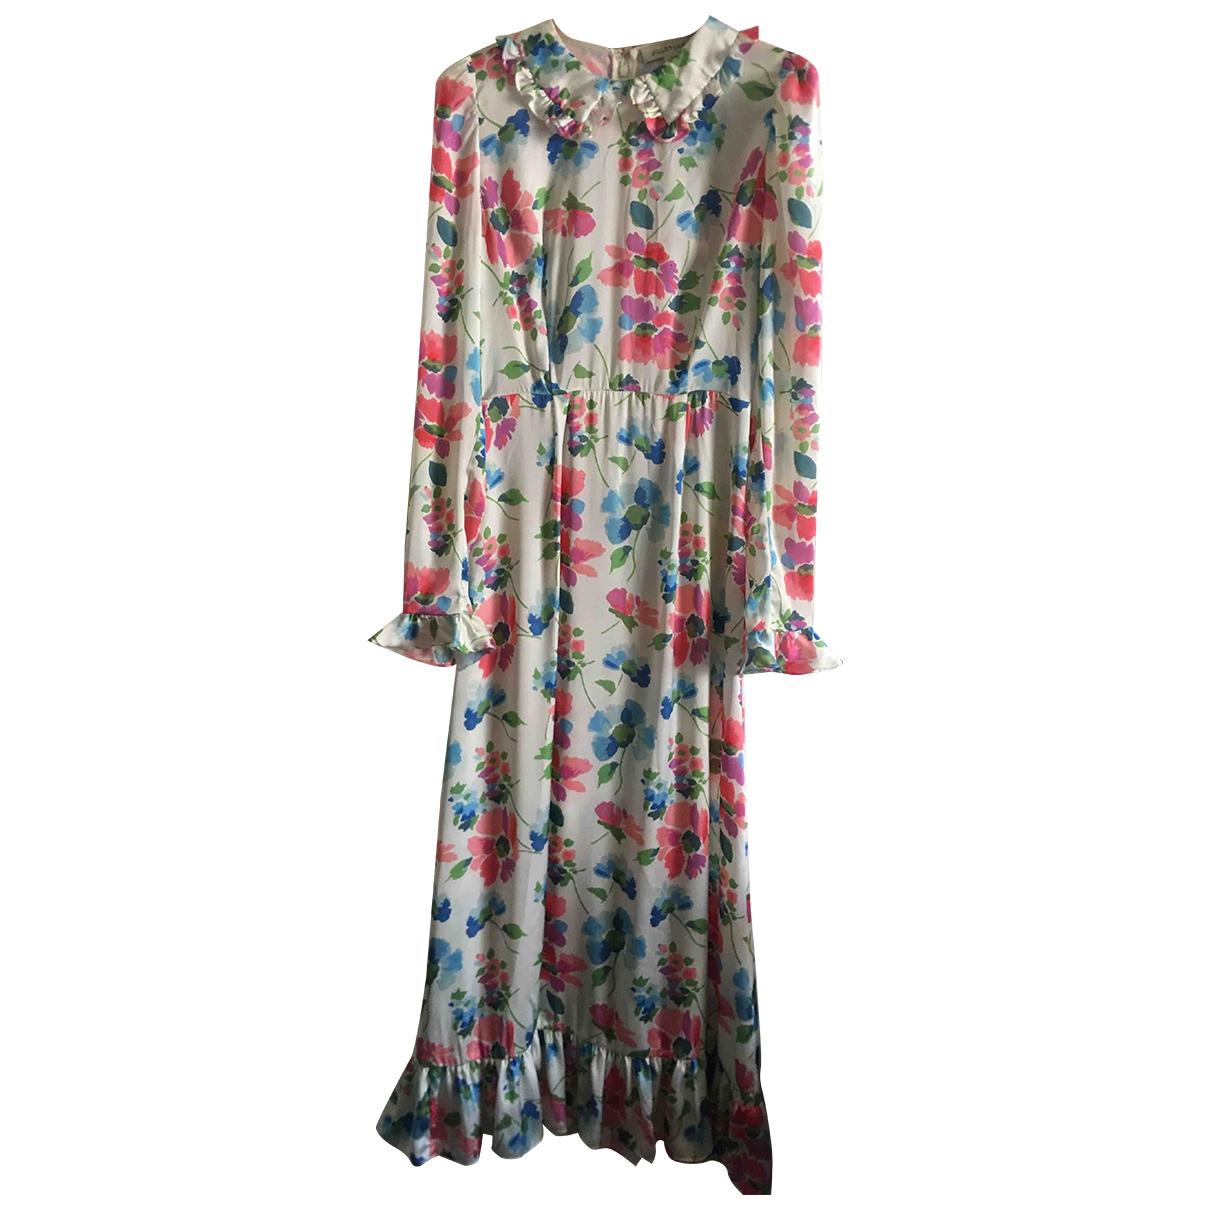 Jill Stuart \N Kleid in  Bunt Polyester